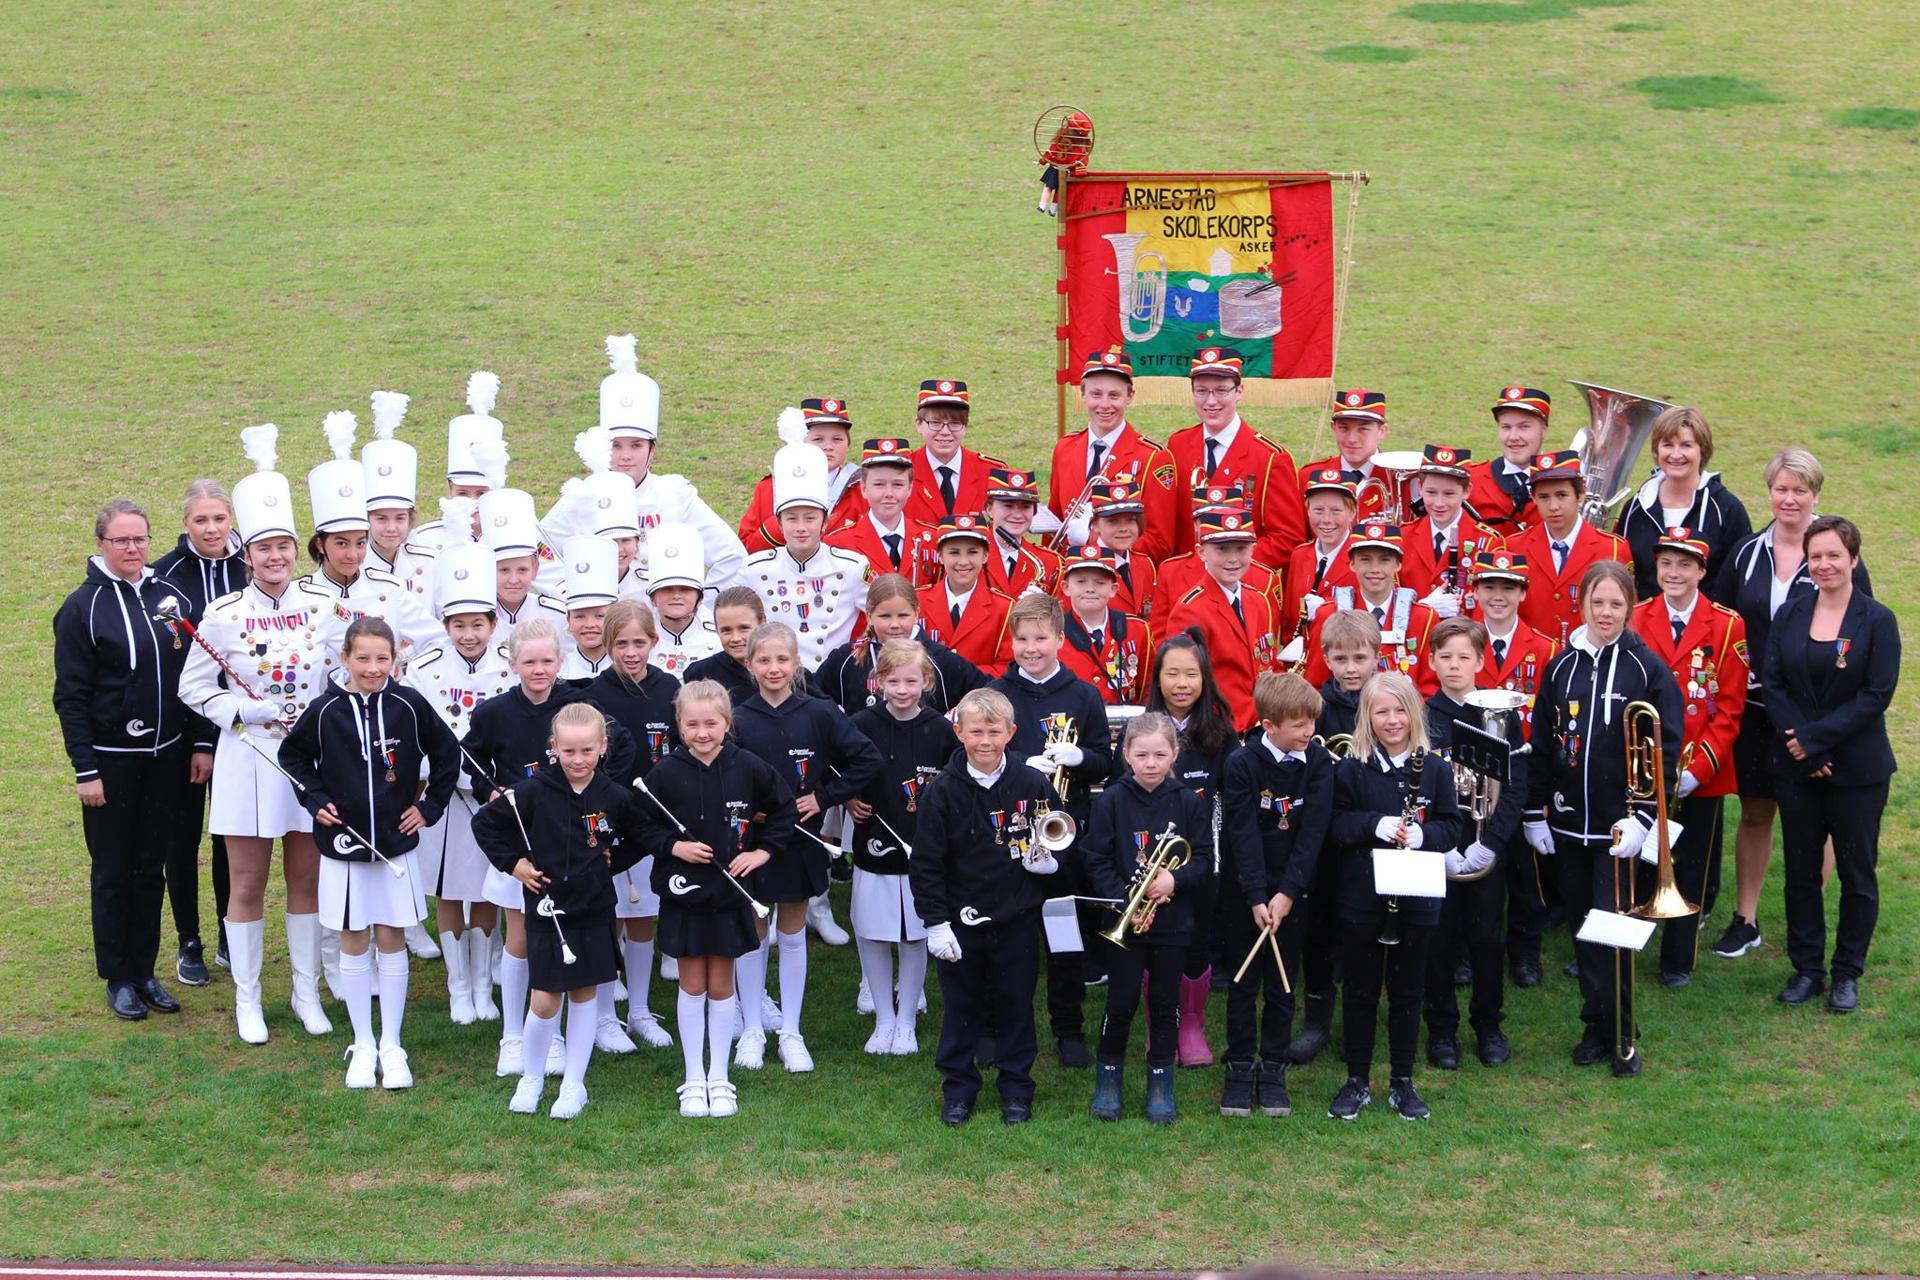 Arnestad Skolekorps.jpg